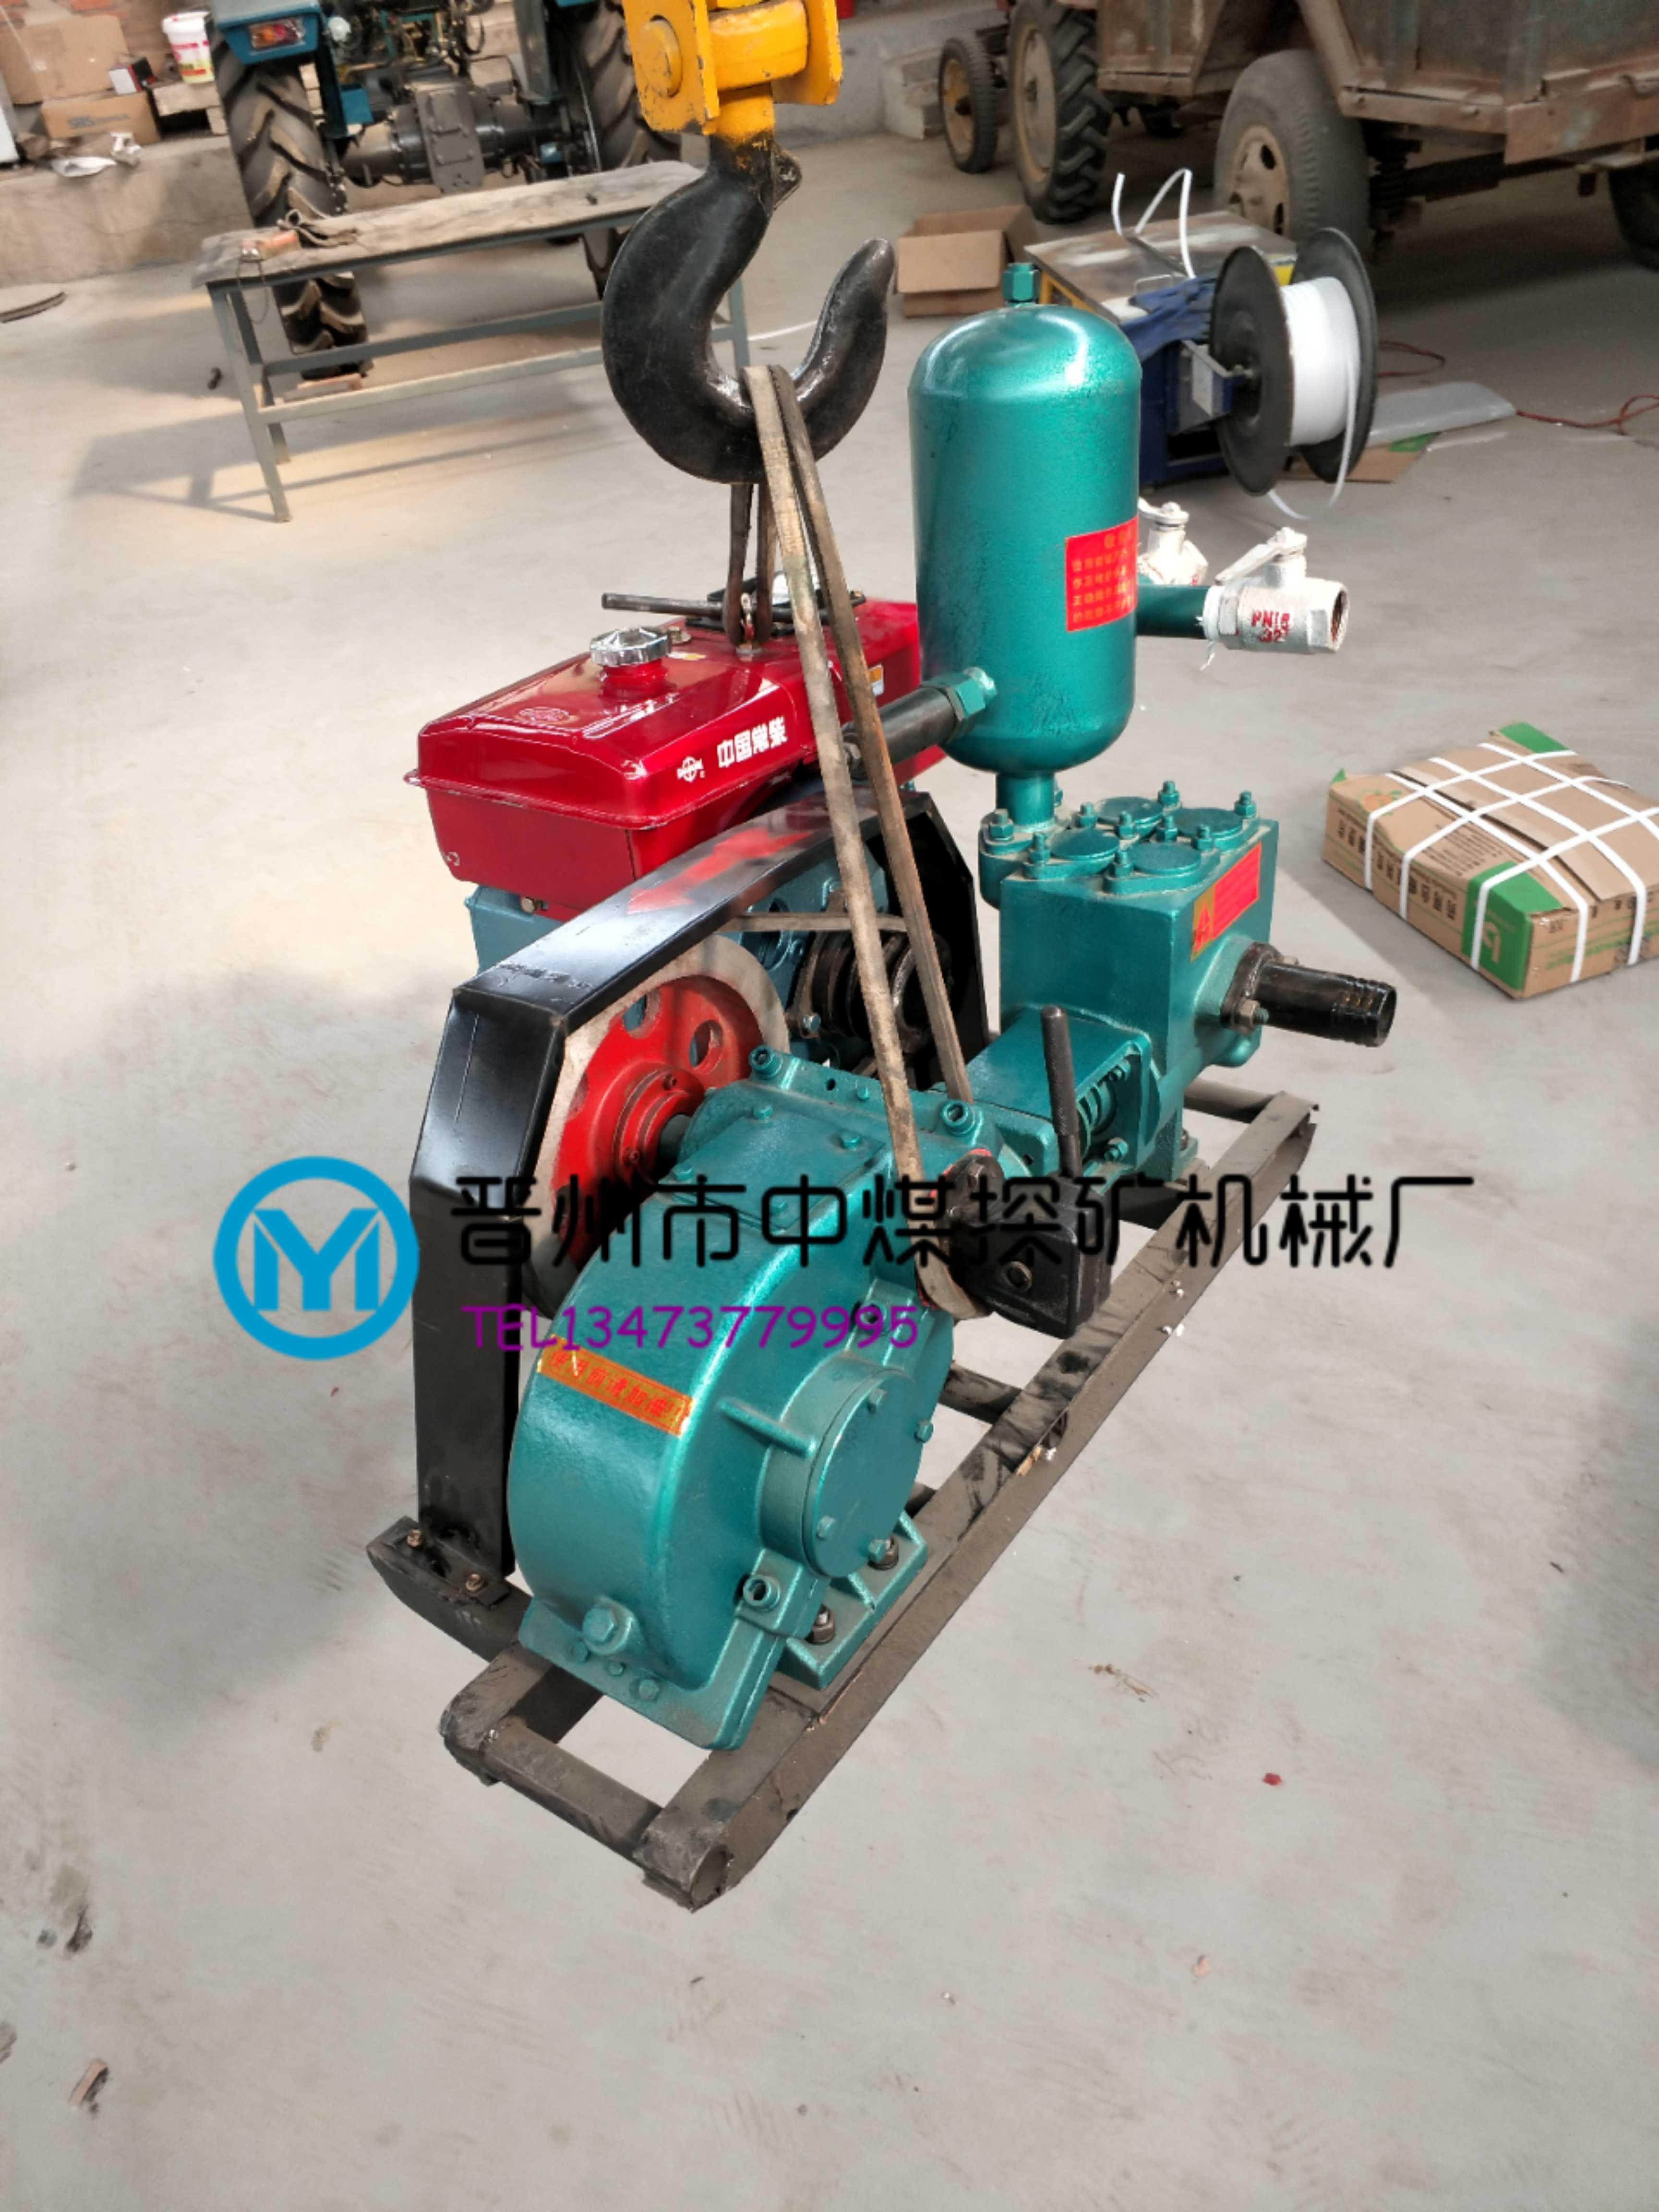 供应 160泥浆泵玉田160泥浆泵 泥浆泵-150泥浆泵-250-850泥浆泵